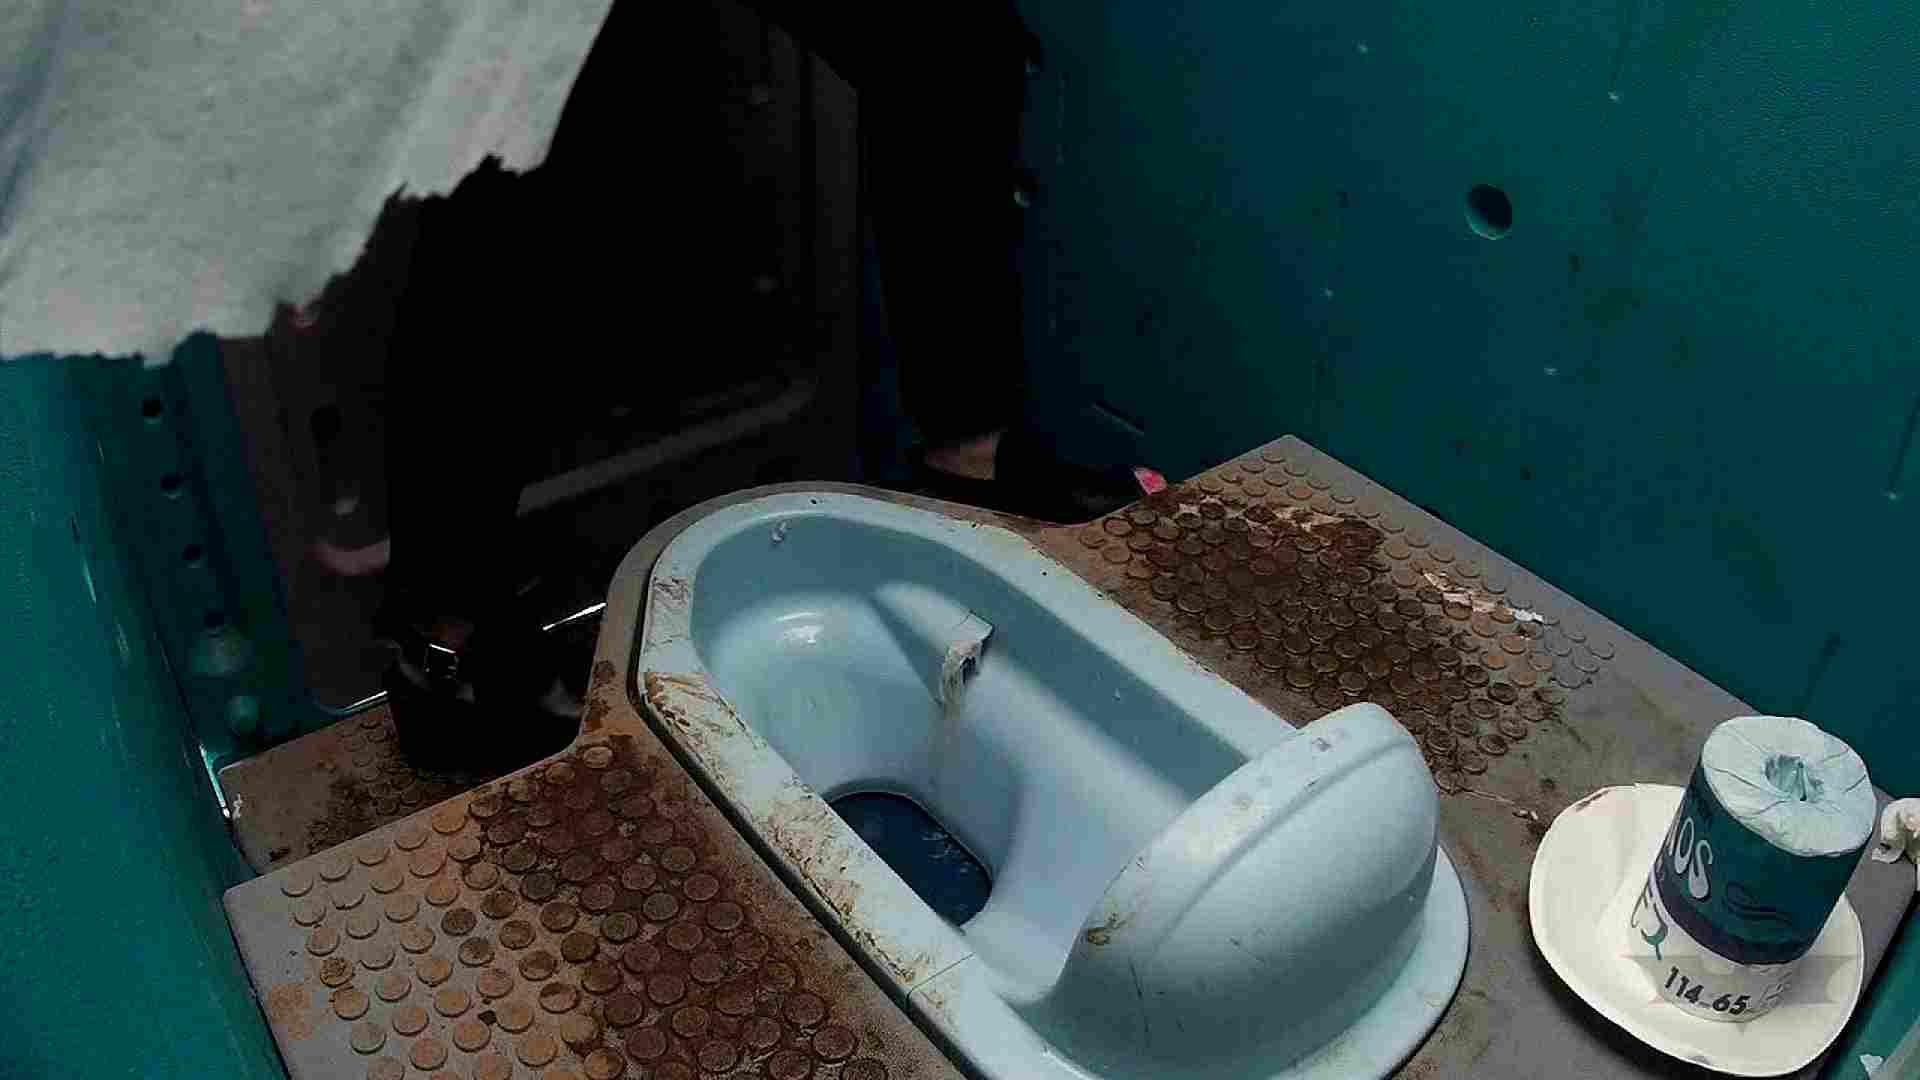 痴態洗面所 Vol.06 中が「マジヤバいヨネ!」洗面所 エッチすぎるOL達  58連発 20